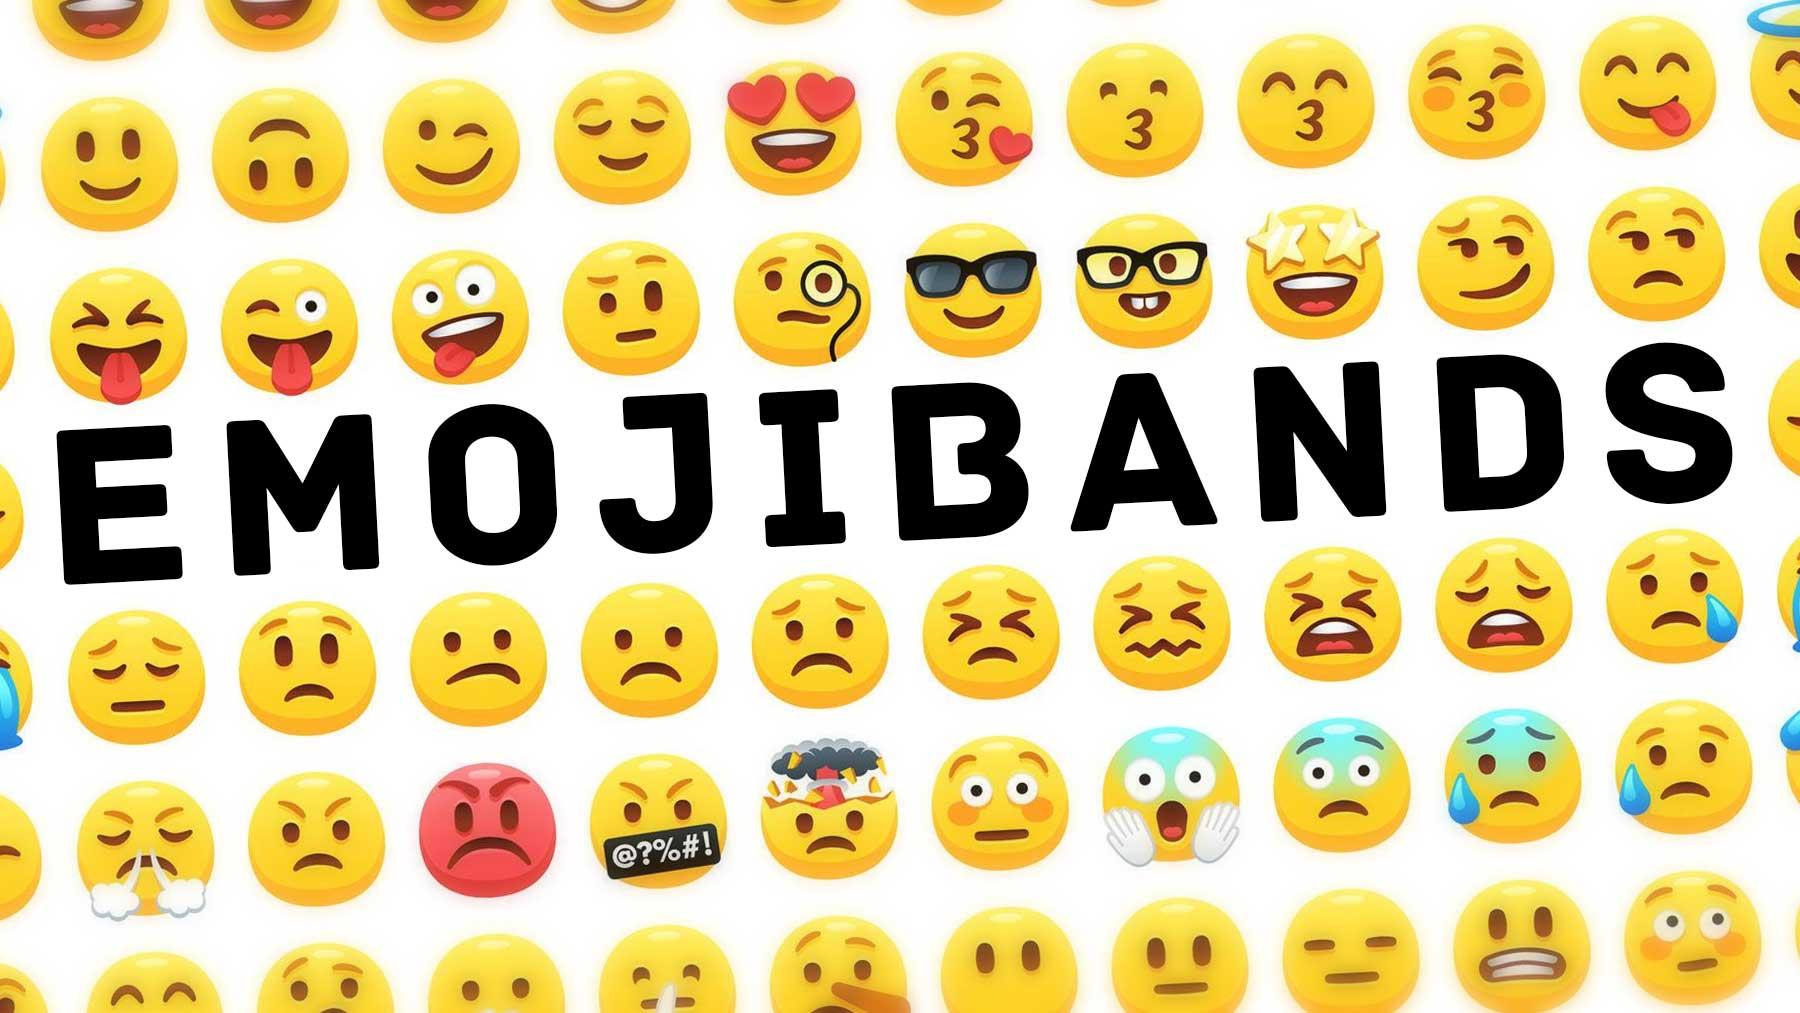 Musik-Acts in Emojis emojibands_00